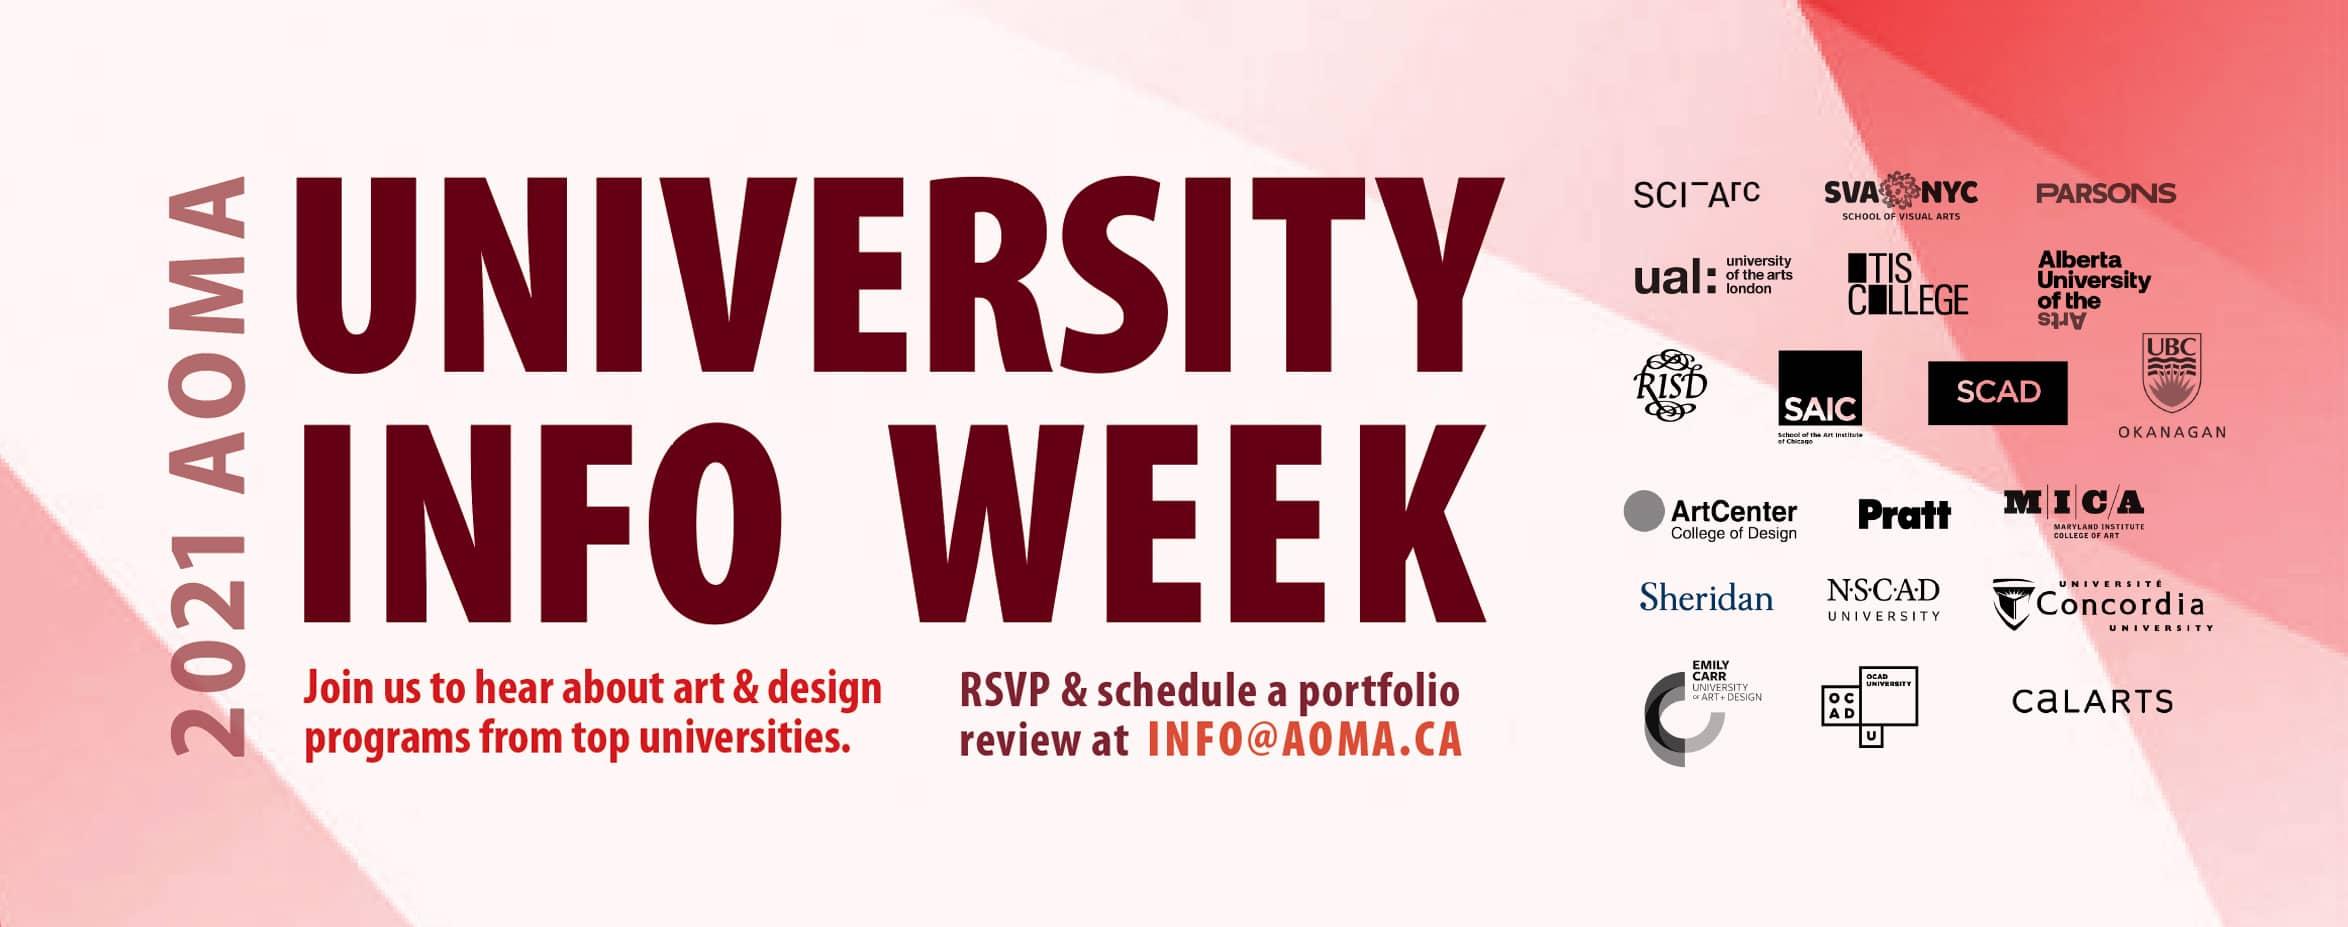 University Info Week 2021